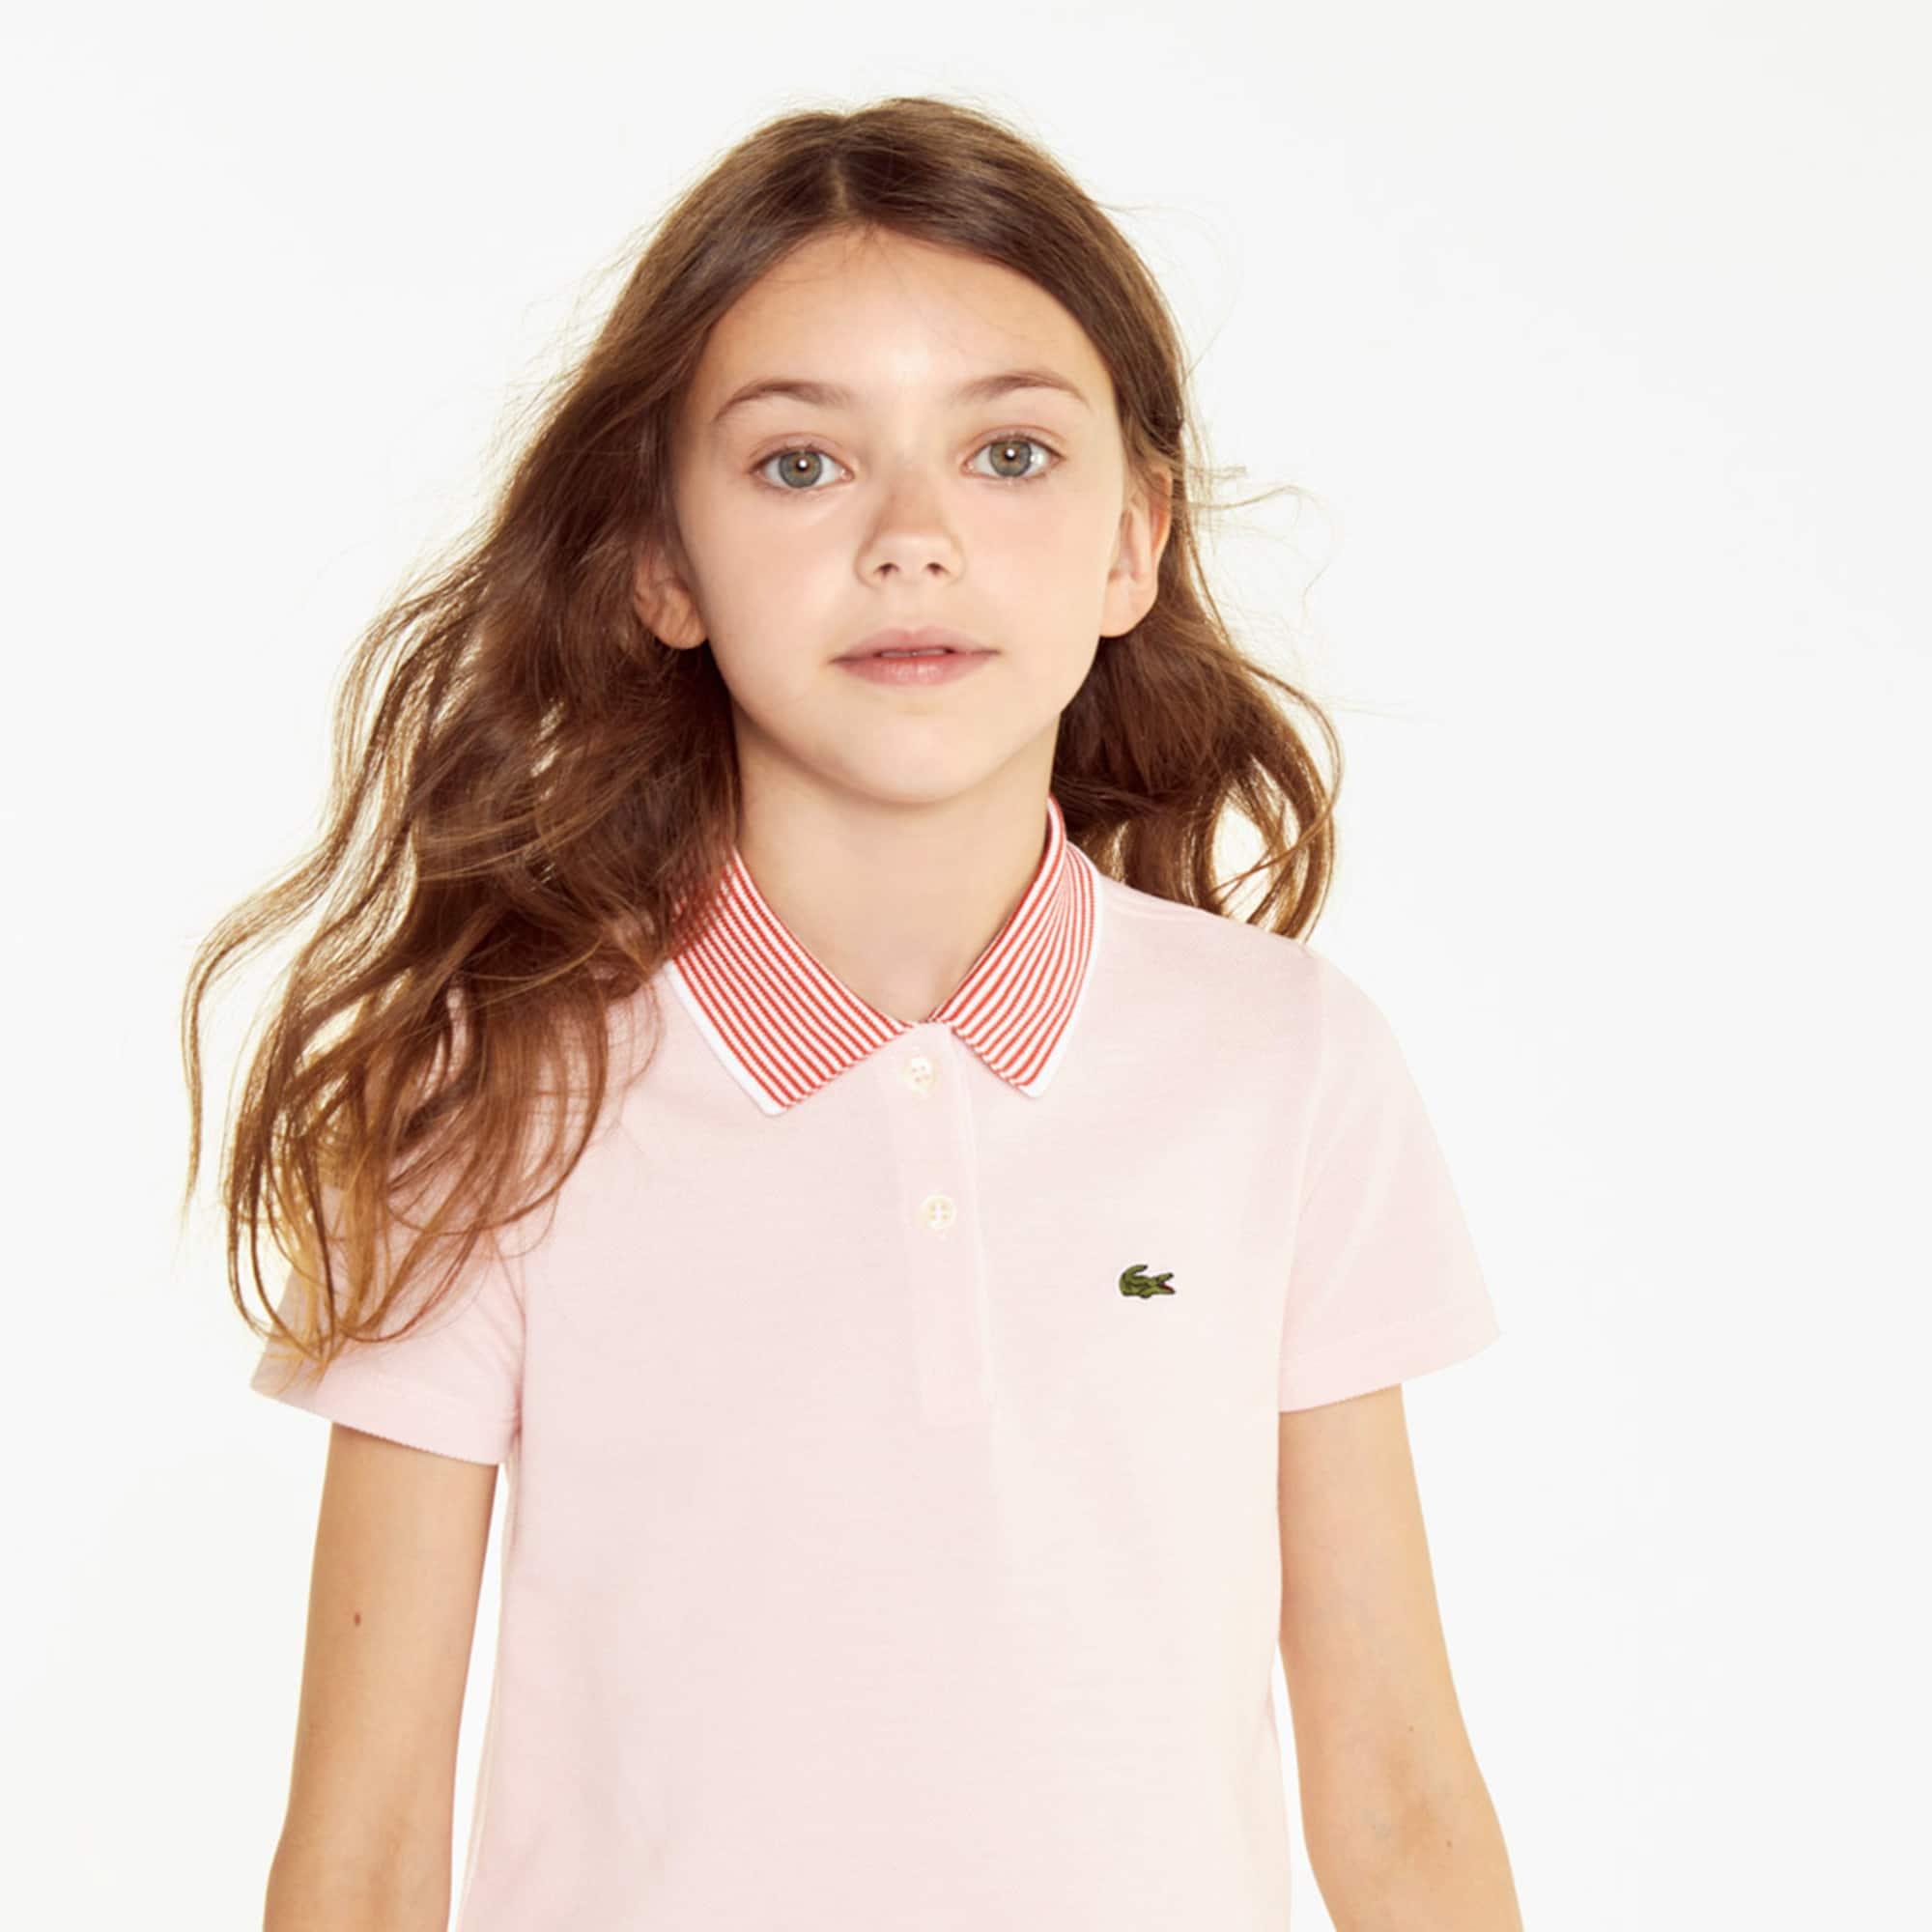 Fille Polos Lacoste Fille Polos Vêtements Enfant Enfant Vêtements 5Hnfxz